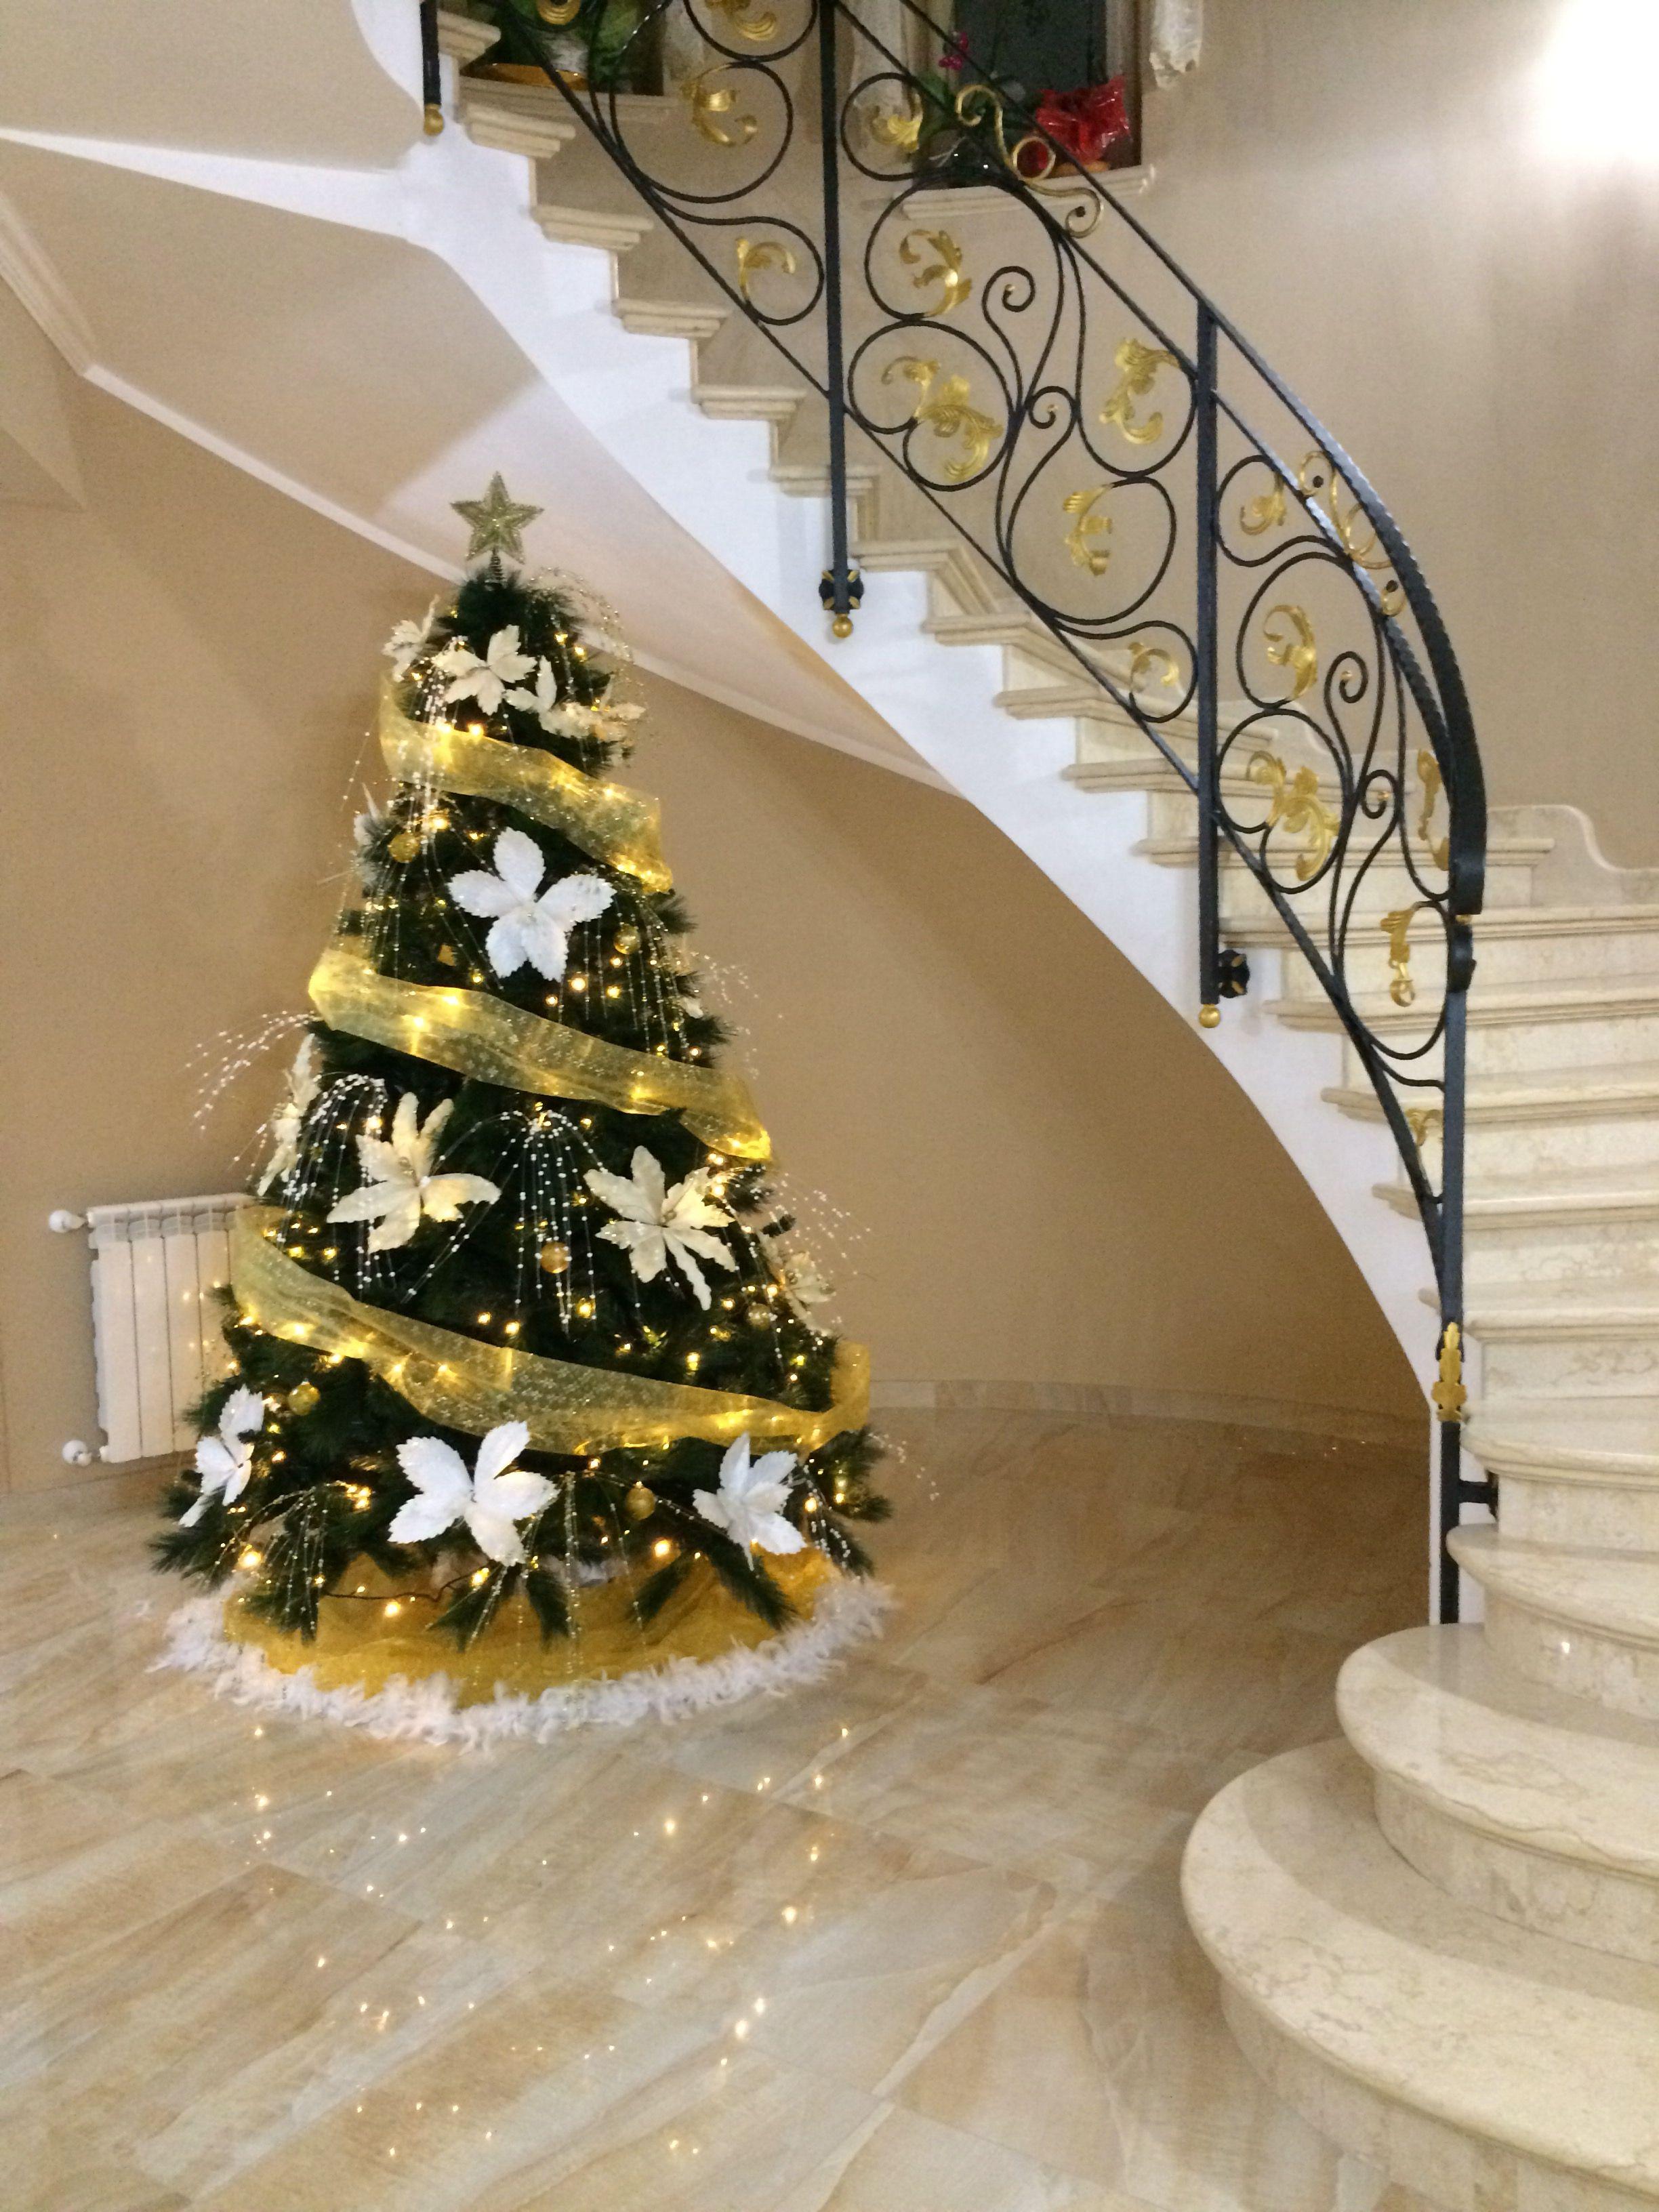 Albero Di Natale Bianco E Oro.Albero Di Natale 2018 Alberi Di Natale Albero Di Natale Bianco Natale